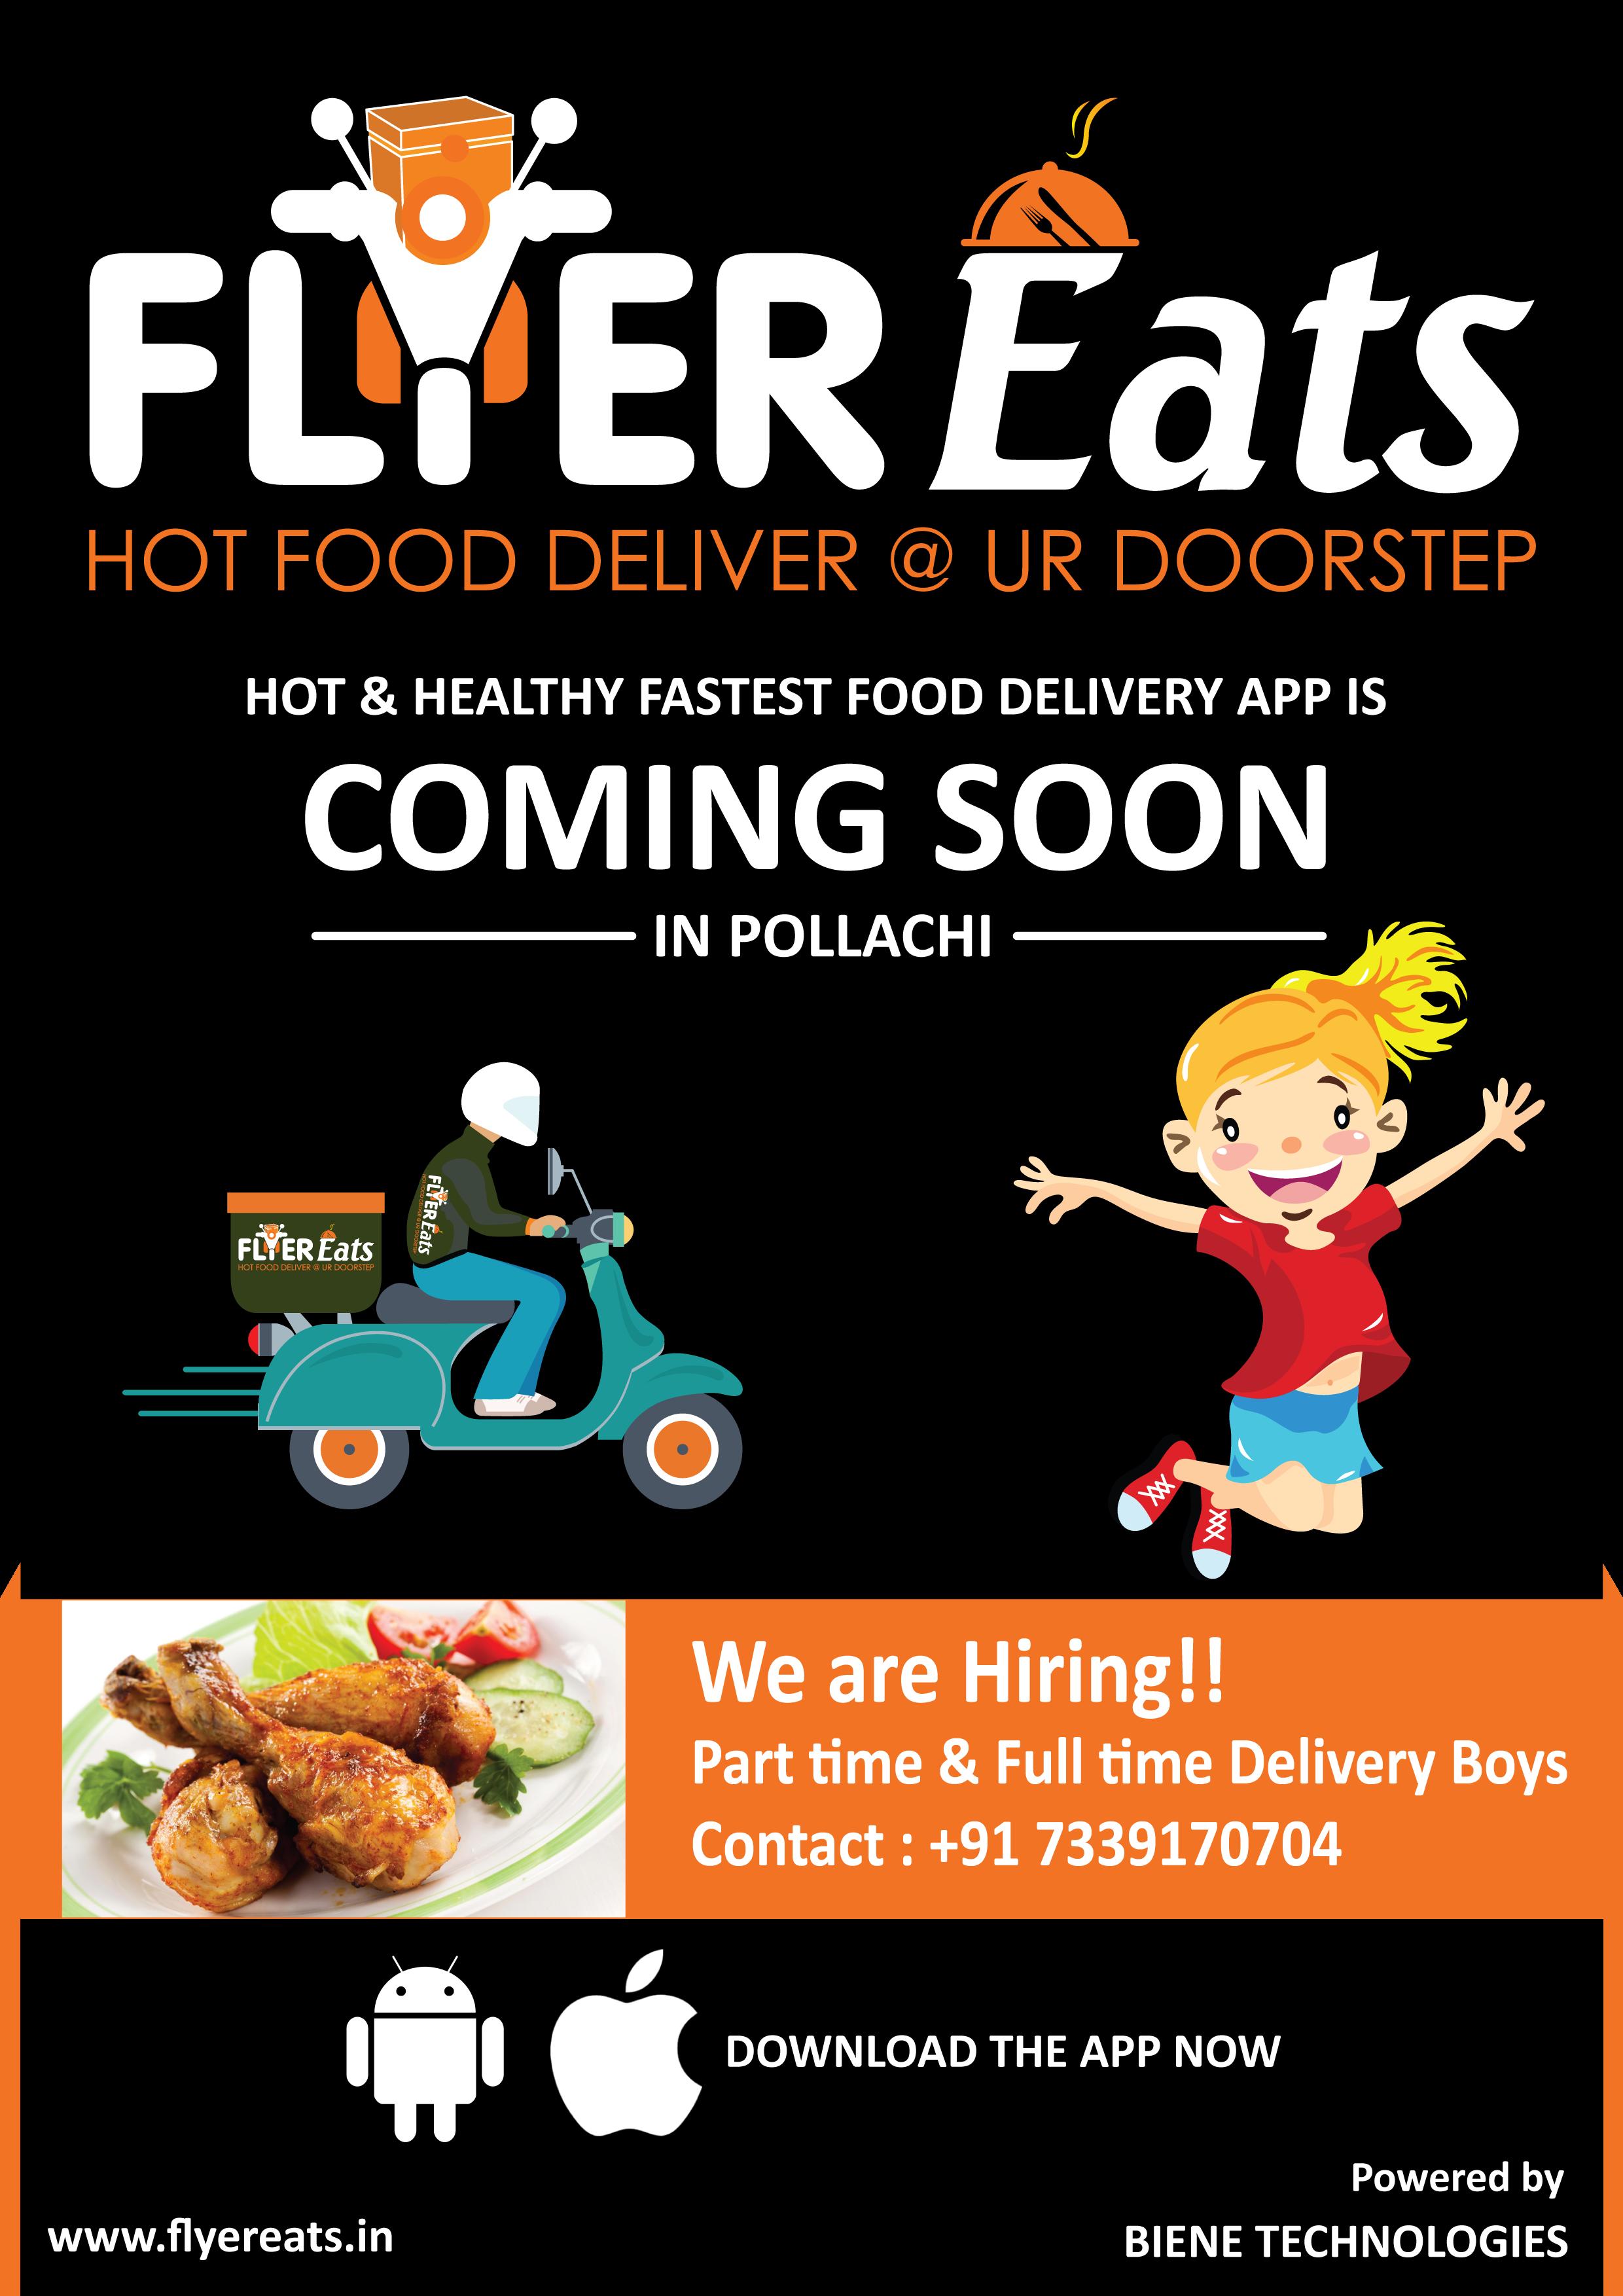 Flyer Eats Karur Clicks Food Delivery App Fast Healthy Meals Foods Delivered